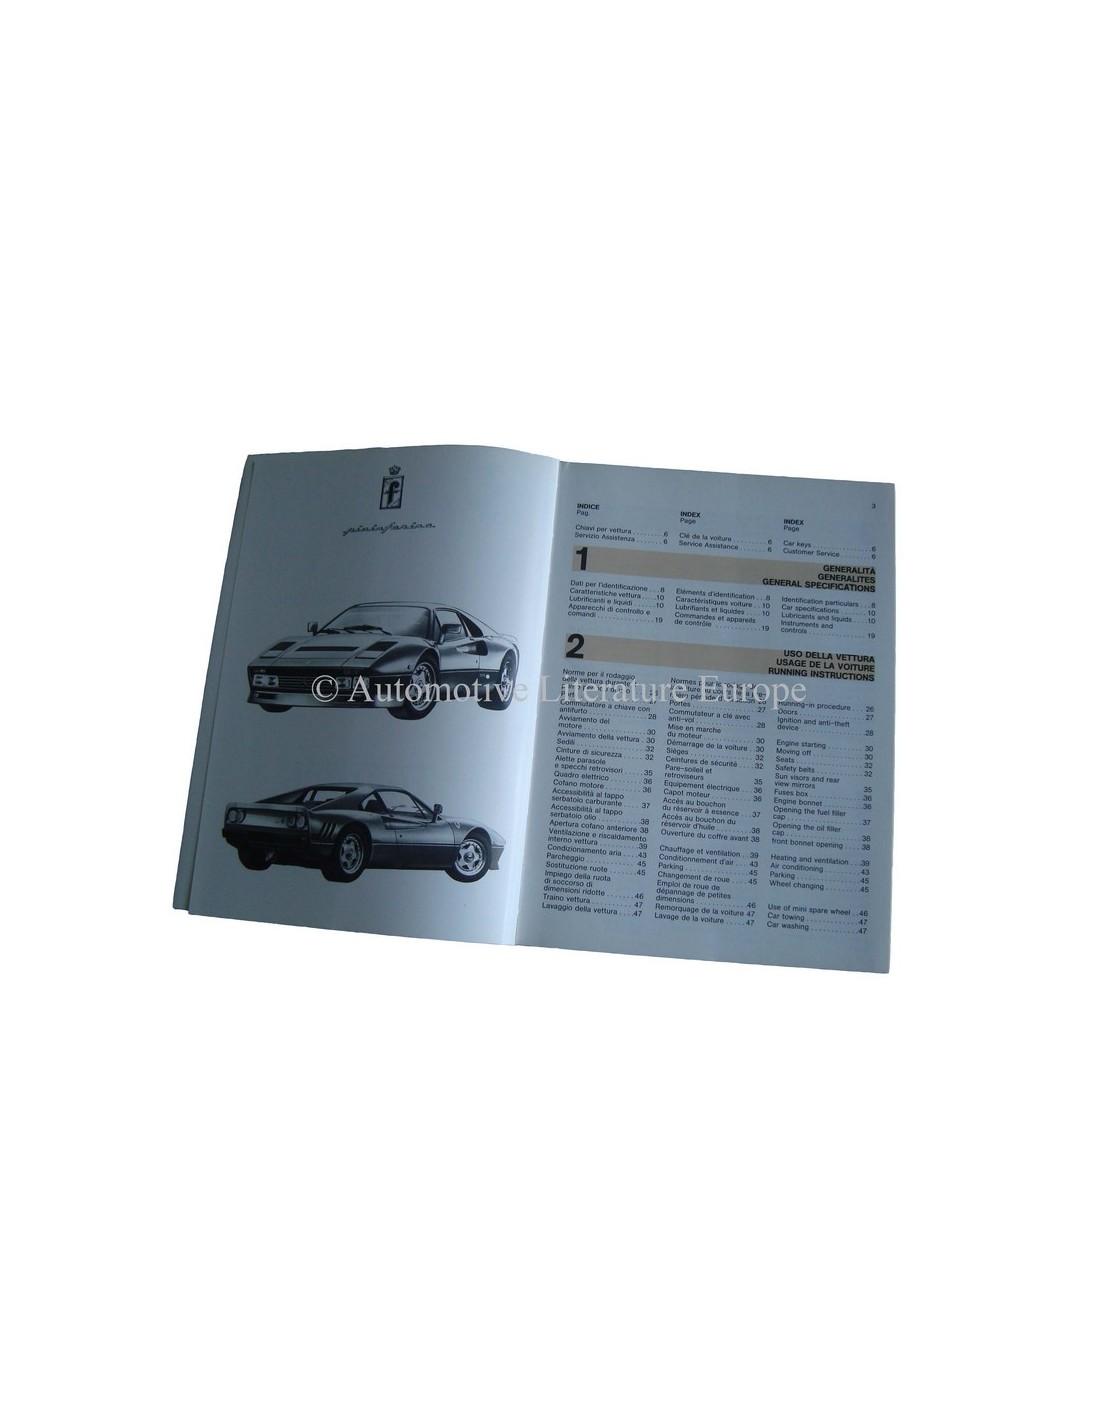 Ferrari Repair Manuals: 1985 FERRARI 288 GTO OWNERS MANUAL HANDBOOK